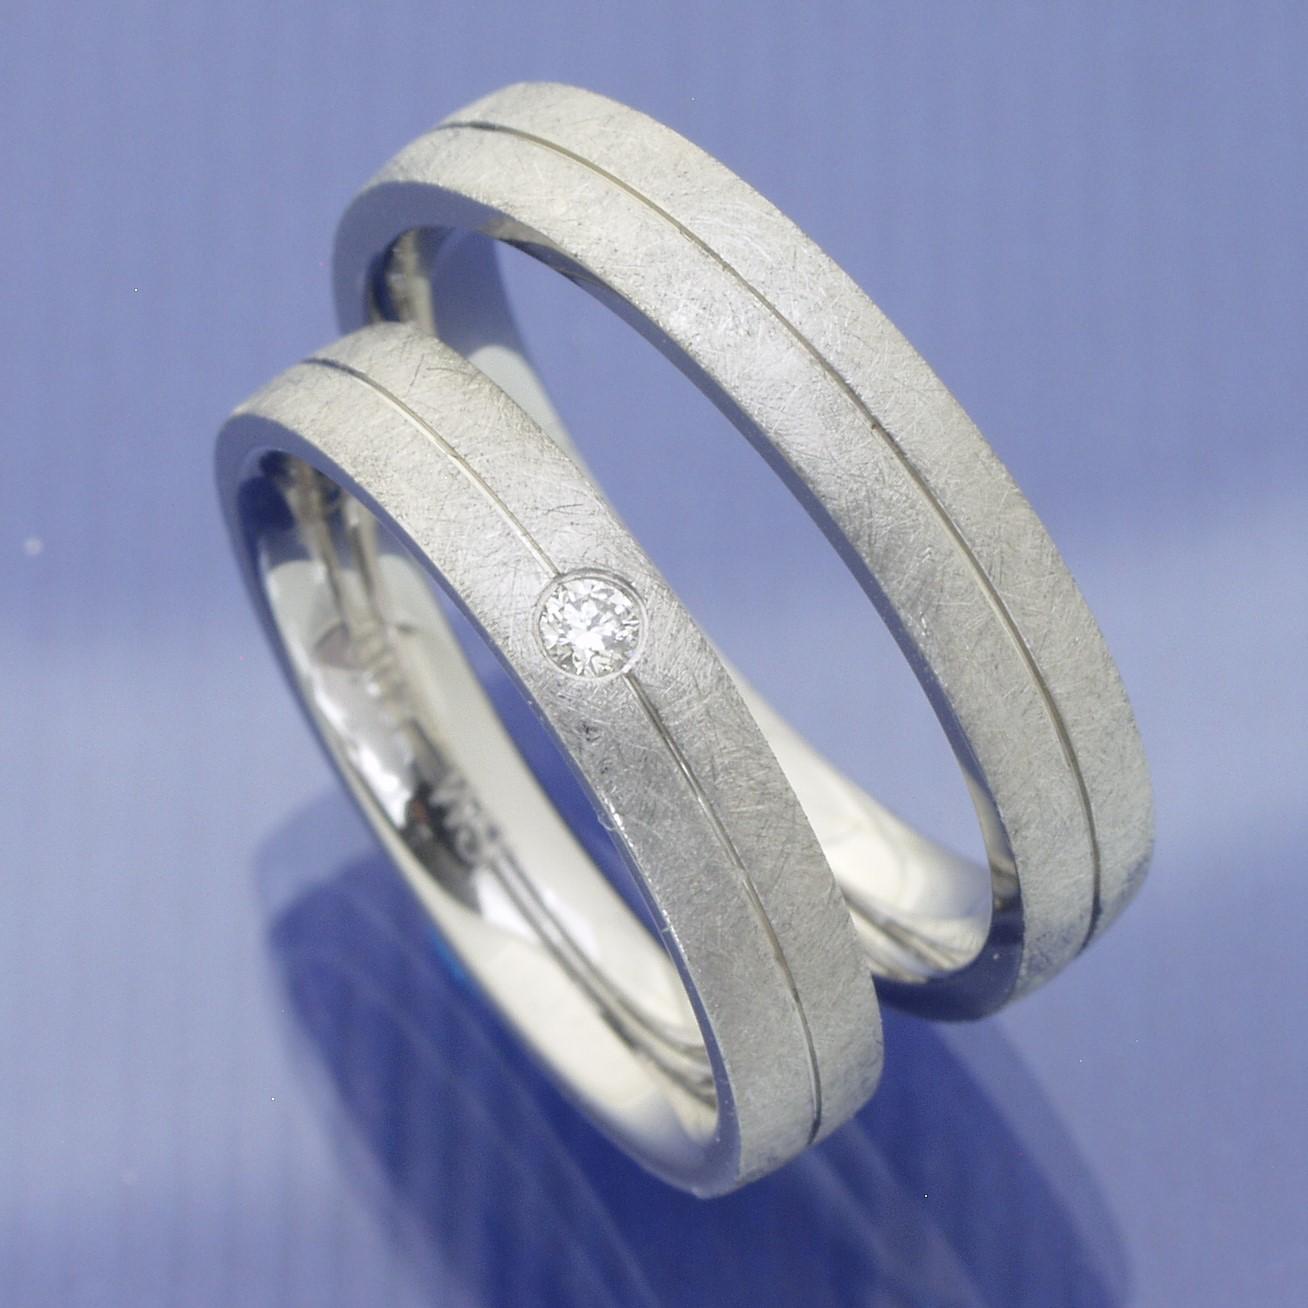 EheringeShop  Verlobungsringe  Partnerringe aus Edelstahl mit Brillant P3154470